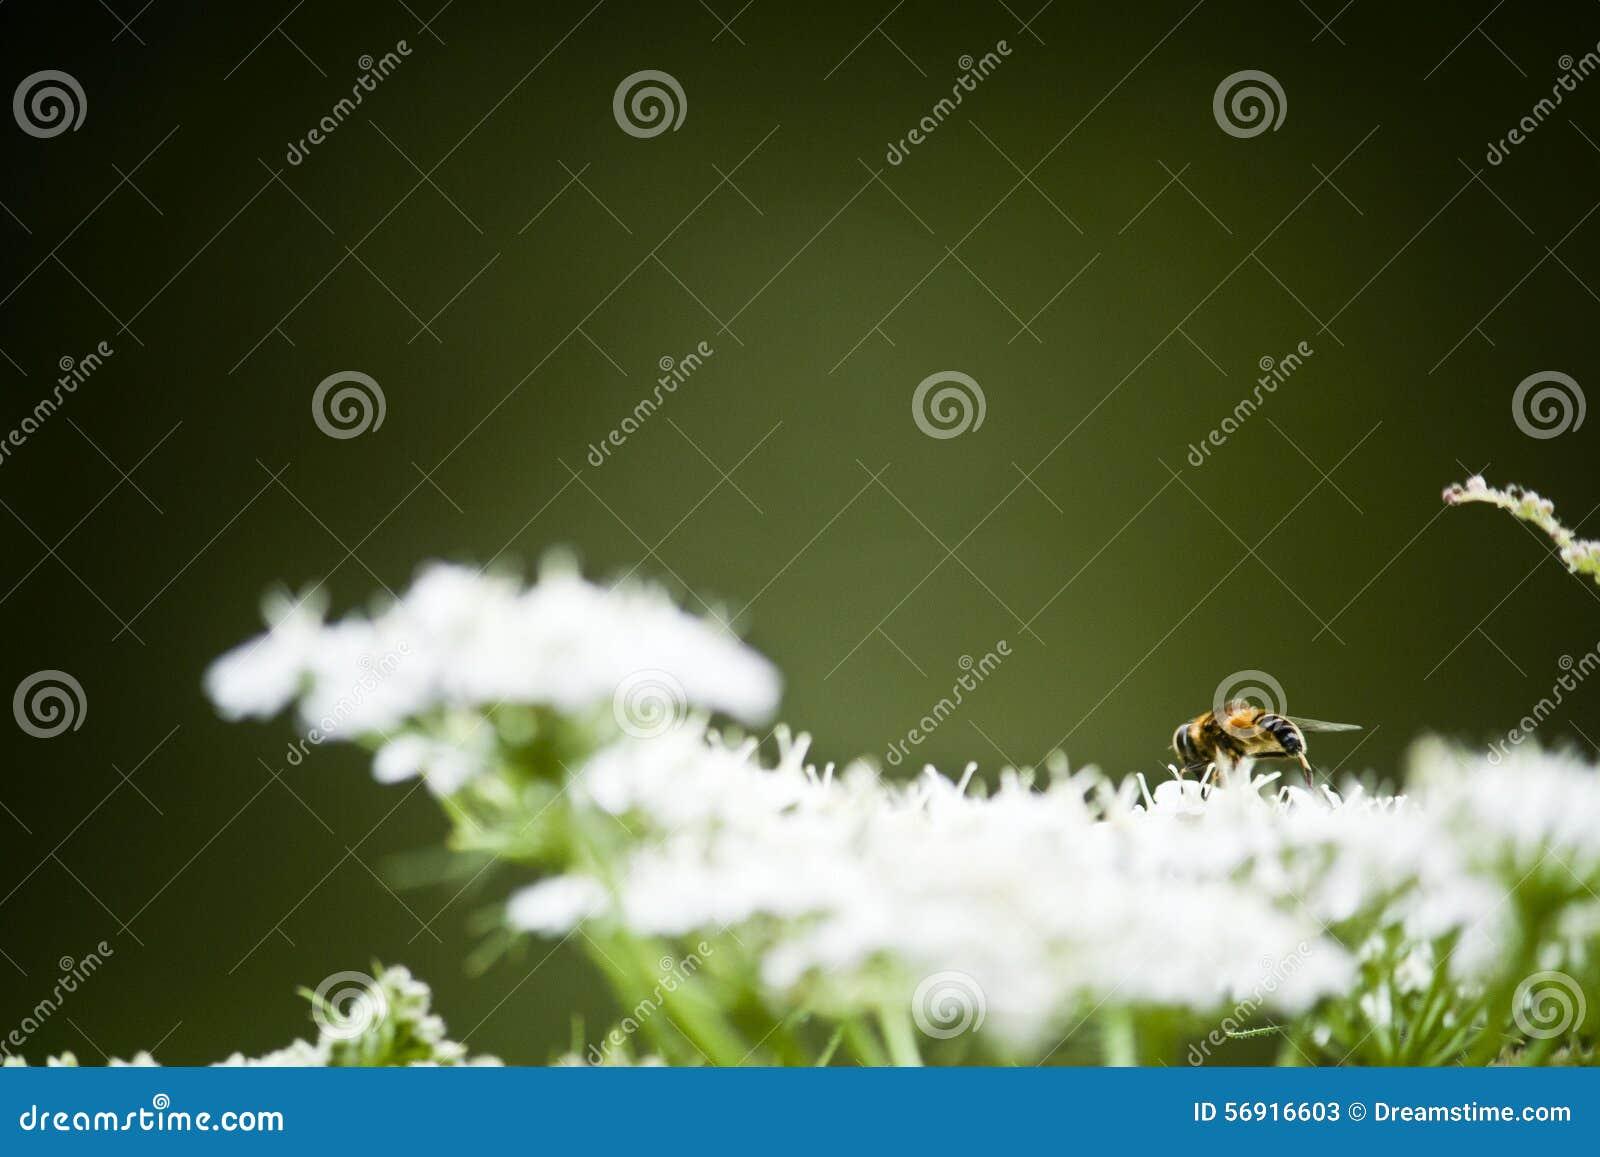 Το ταξίδι μιας μέλισσας